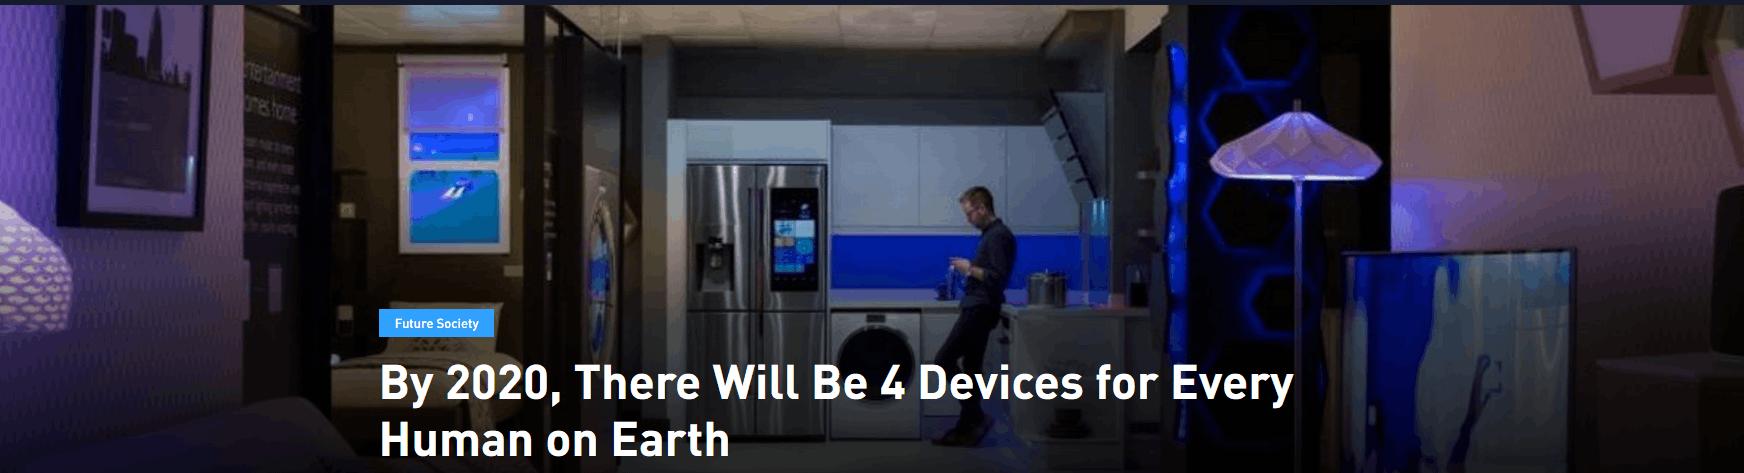 到2020年 地球上每个人至少有4部联网设备